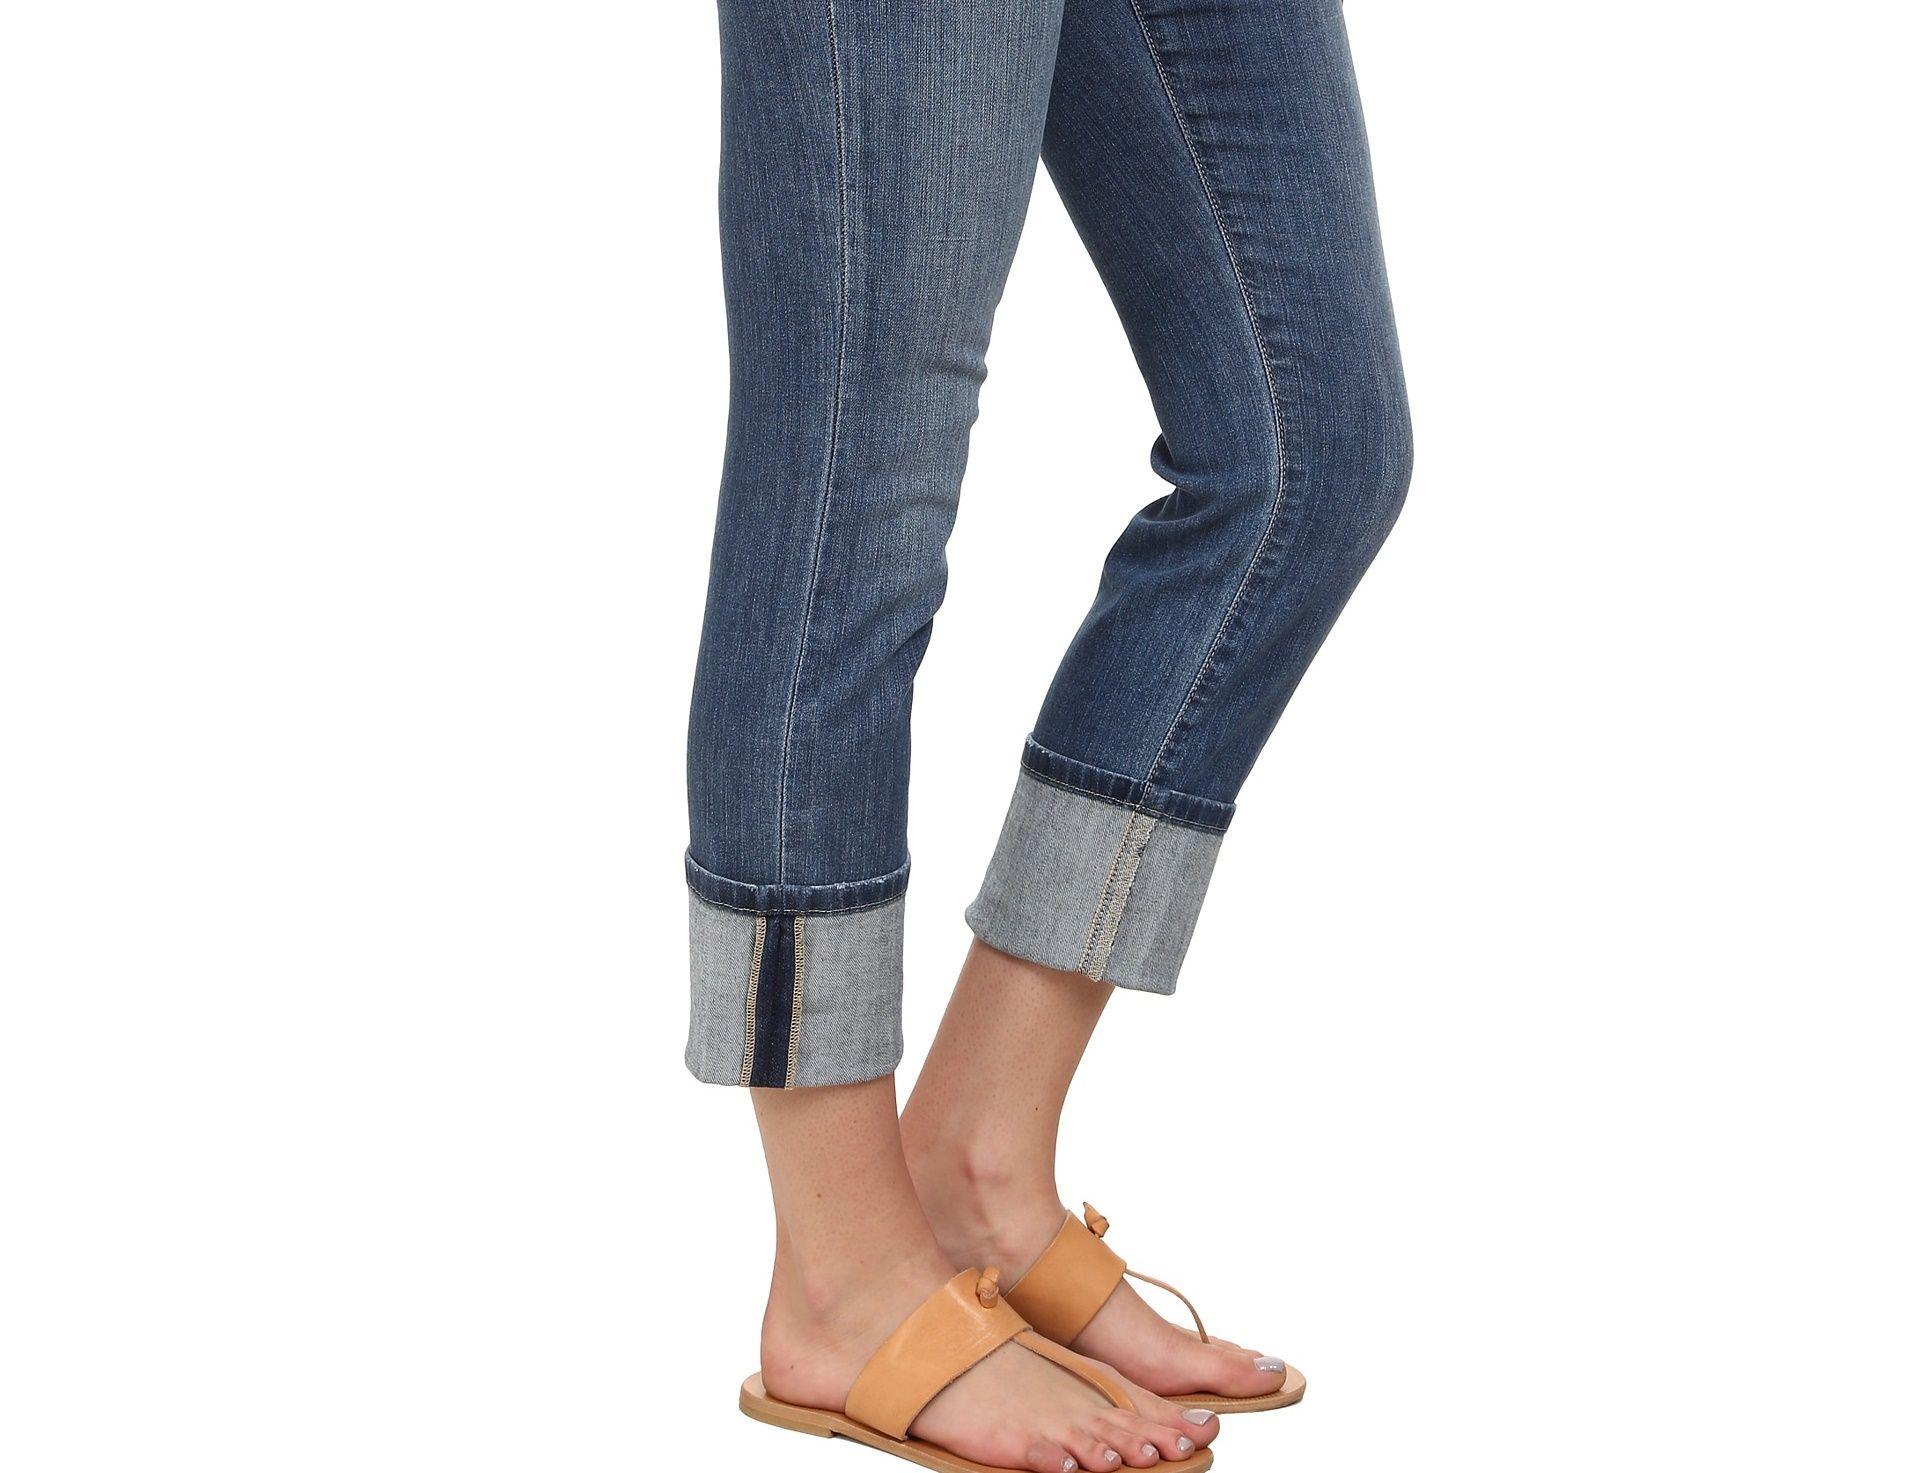 Come fare il risvolto perfetto ai jeans